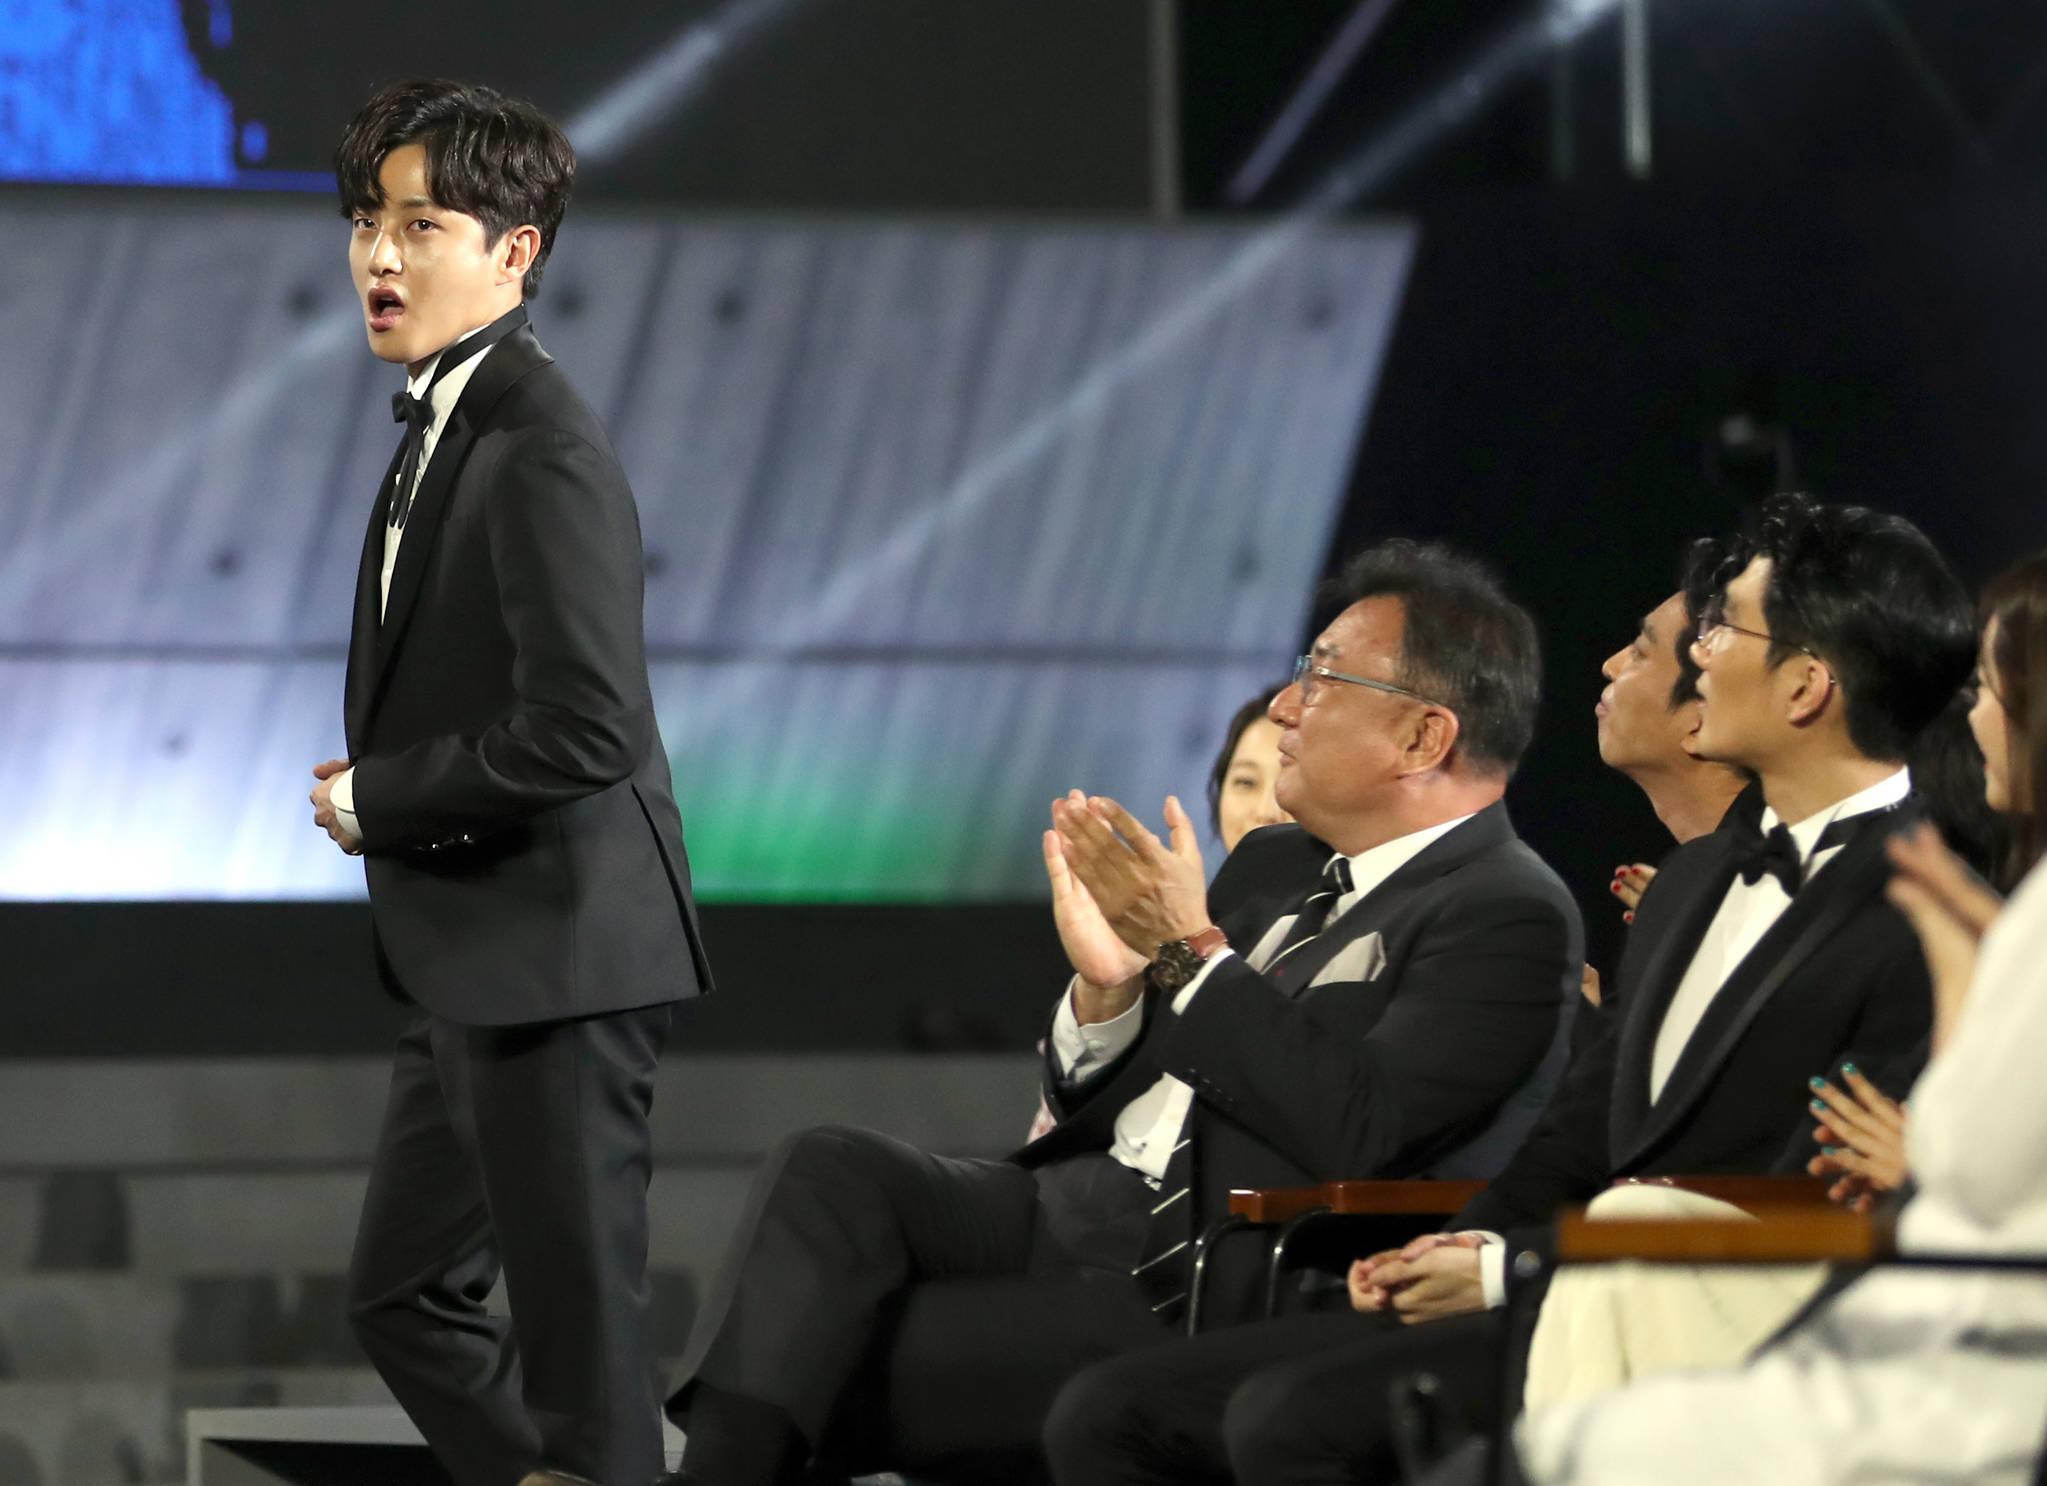 제53회 백상예술대상 시상식 김민석...수상에 깜짝 놀라